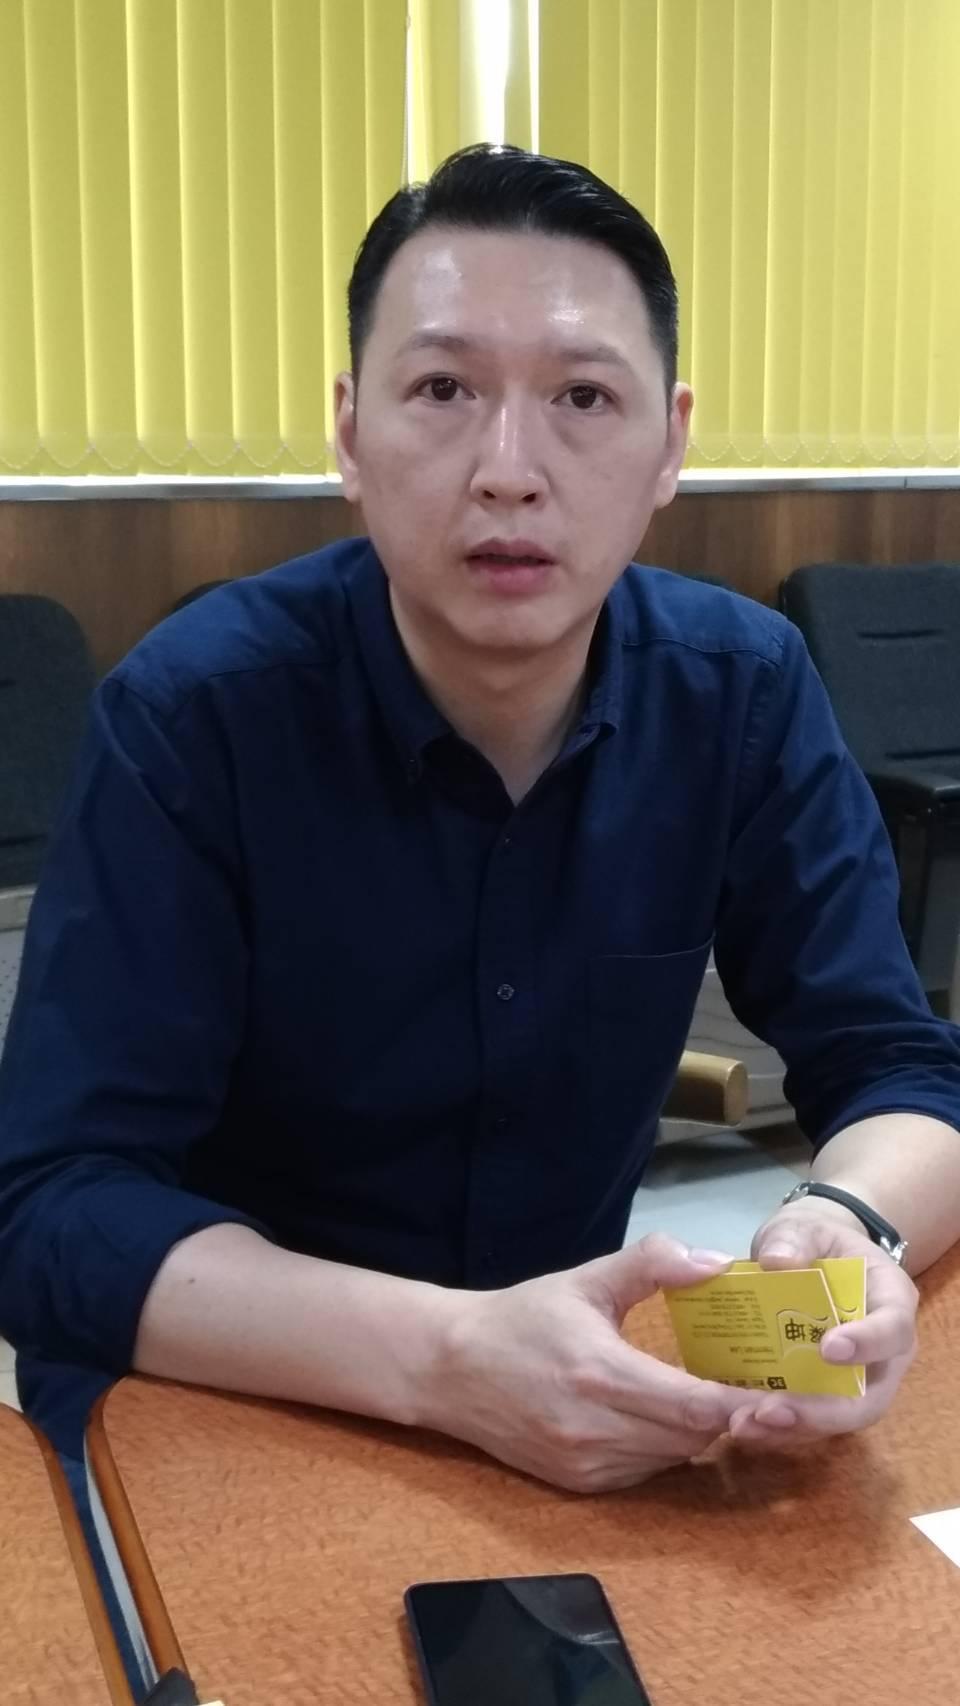 上任僅七個多月的燦坤(2430)實業總經理李佳峰18日請辭,引發3C通路震撼。記...